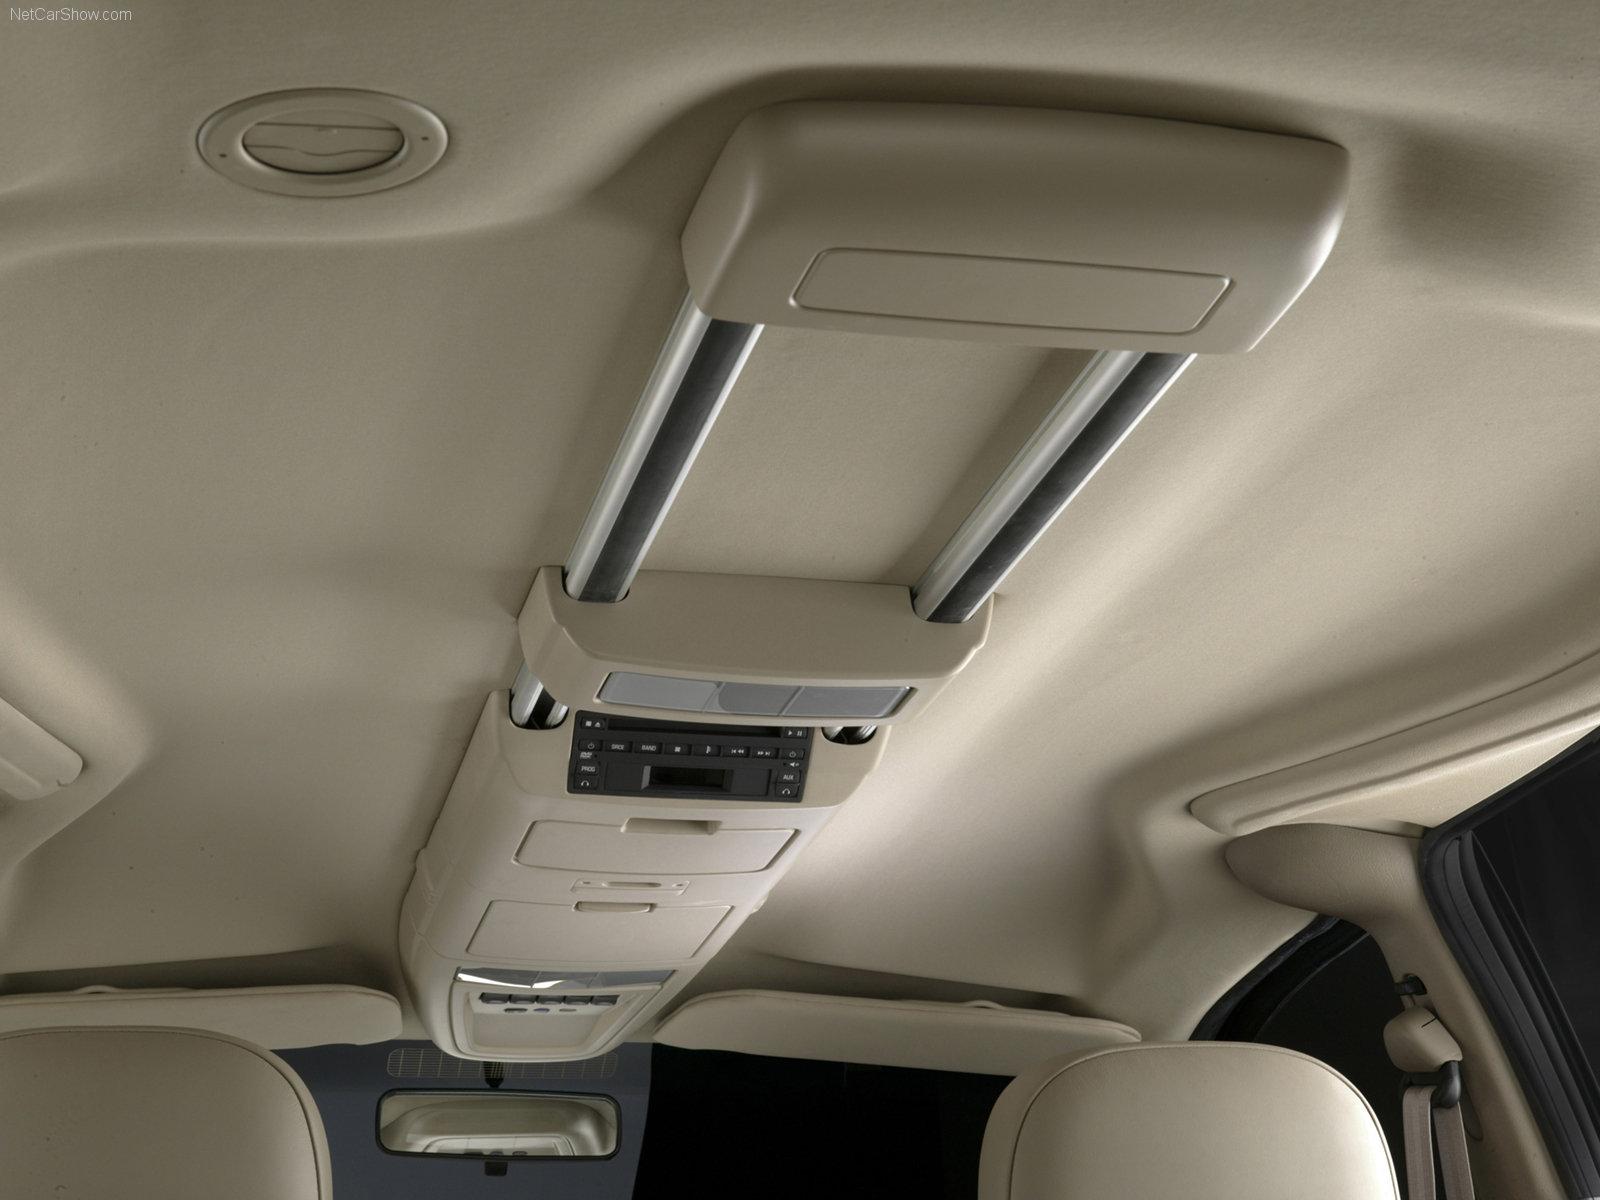 Hình ảnh xe ô tô Saturn Relay 2006 & nội ngoại thất